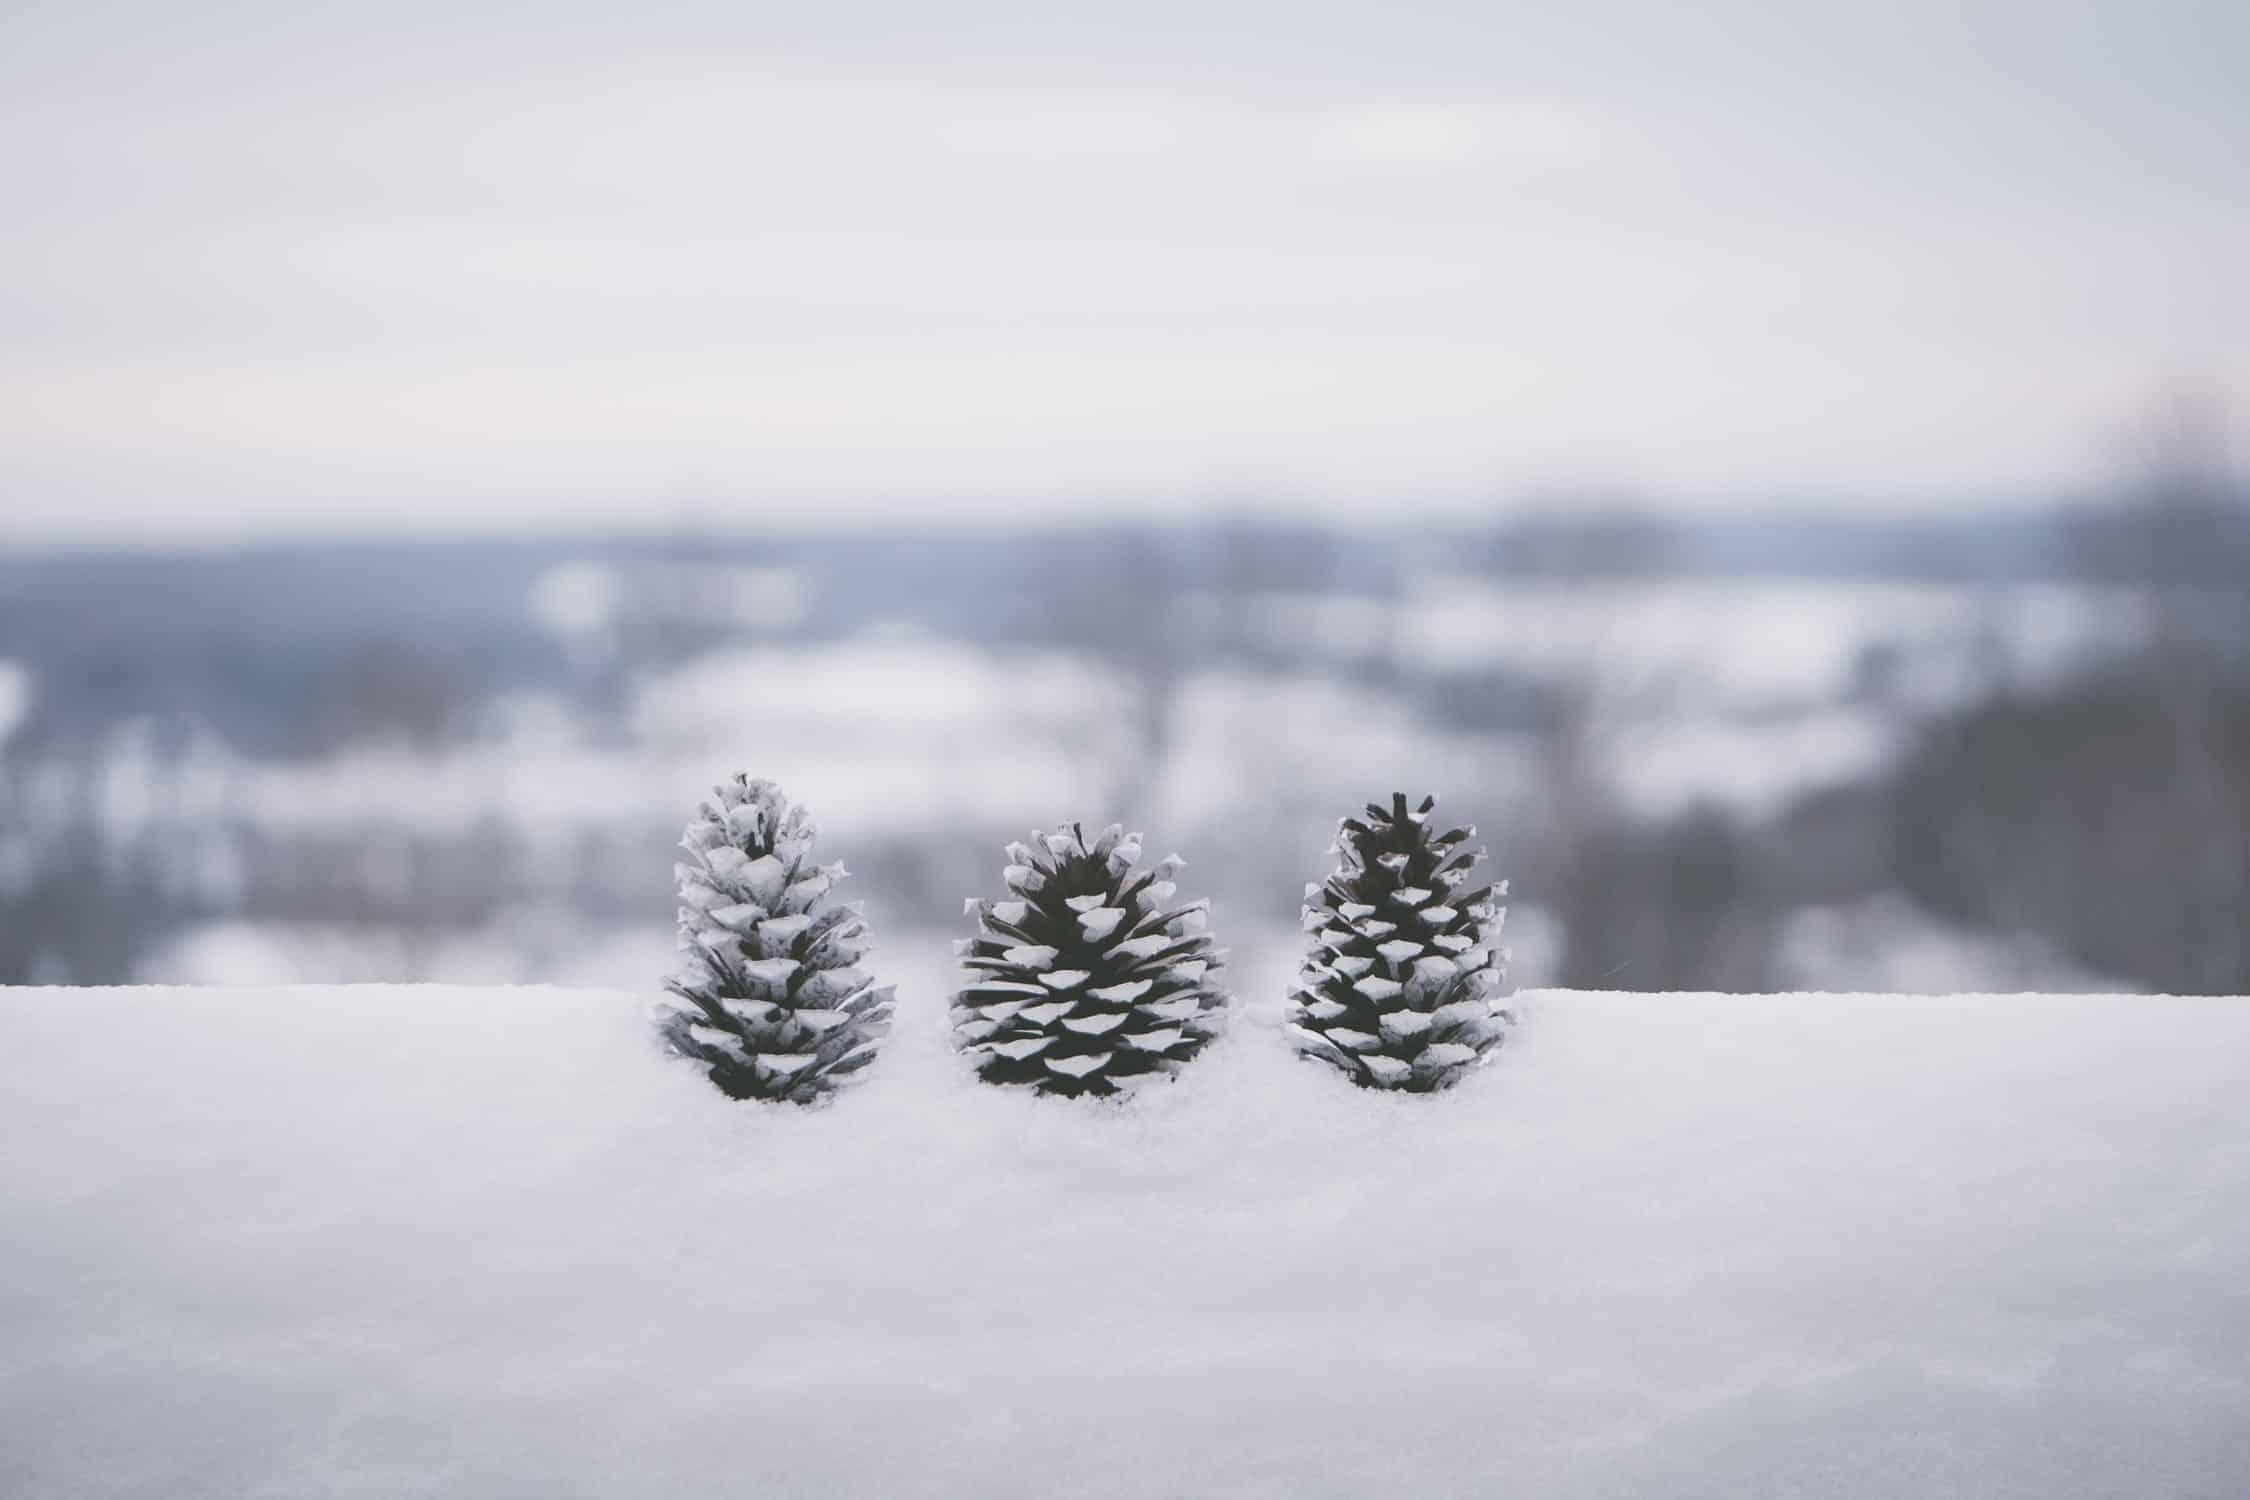 Seizoensmodellen bieden een sneak peak op het weerbericht van de maand december